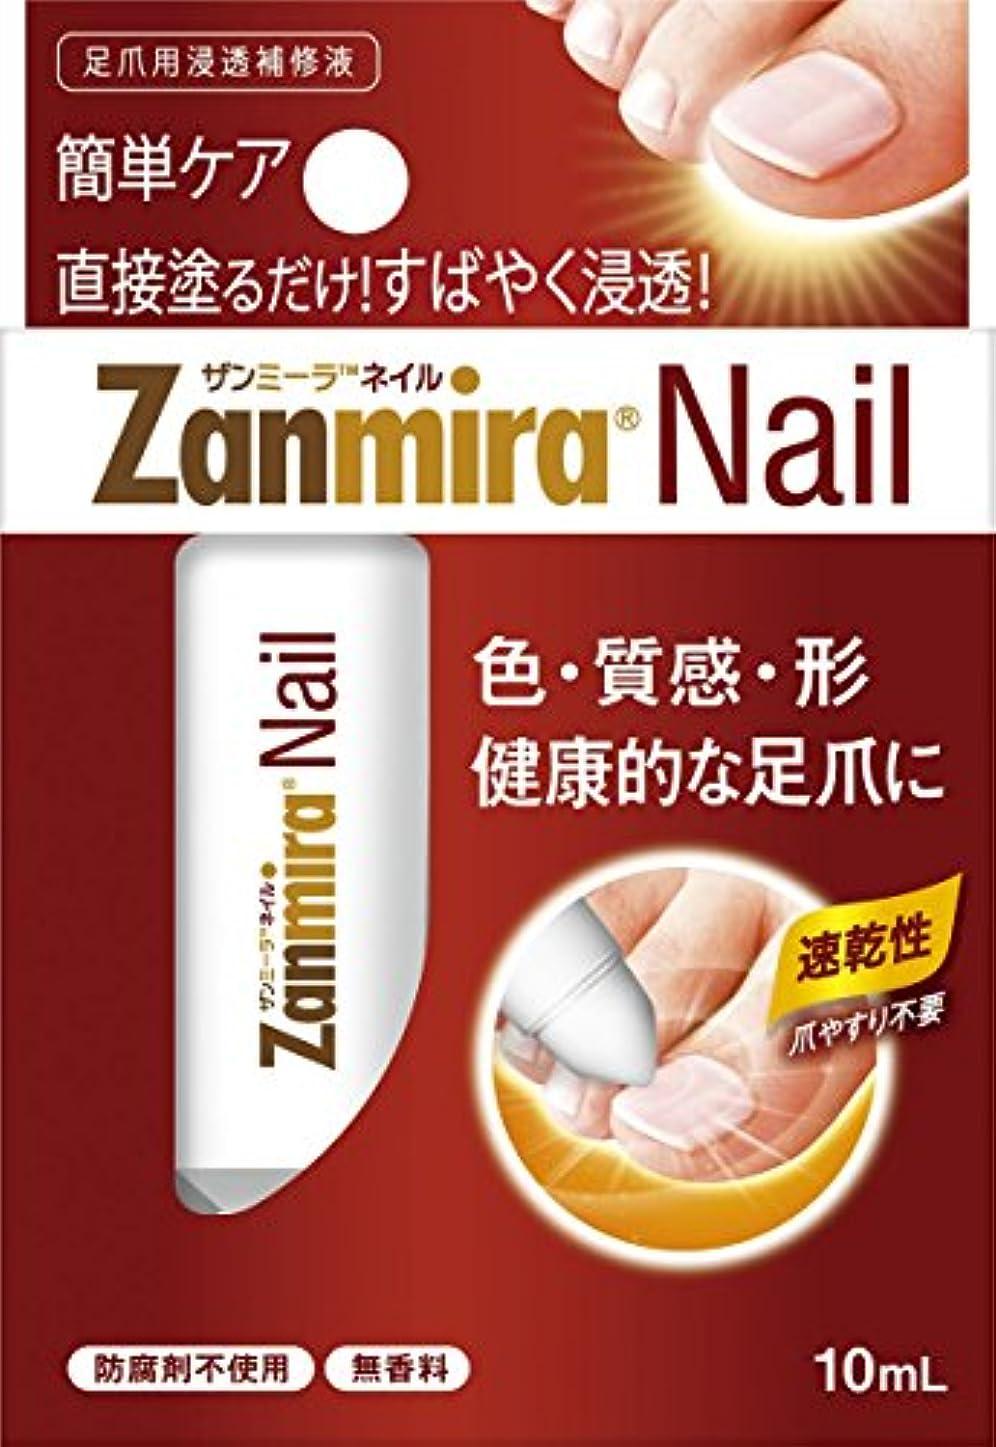 熱望する四しつけザンミーラ ネイル Zanmira Nail 10ml 足爪用浸透補修液